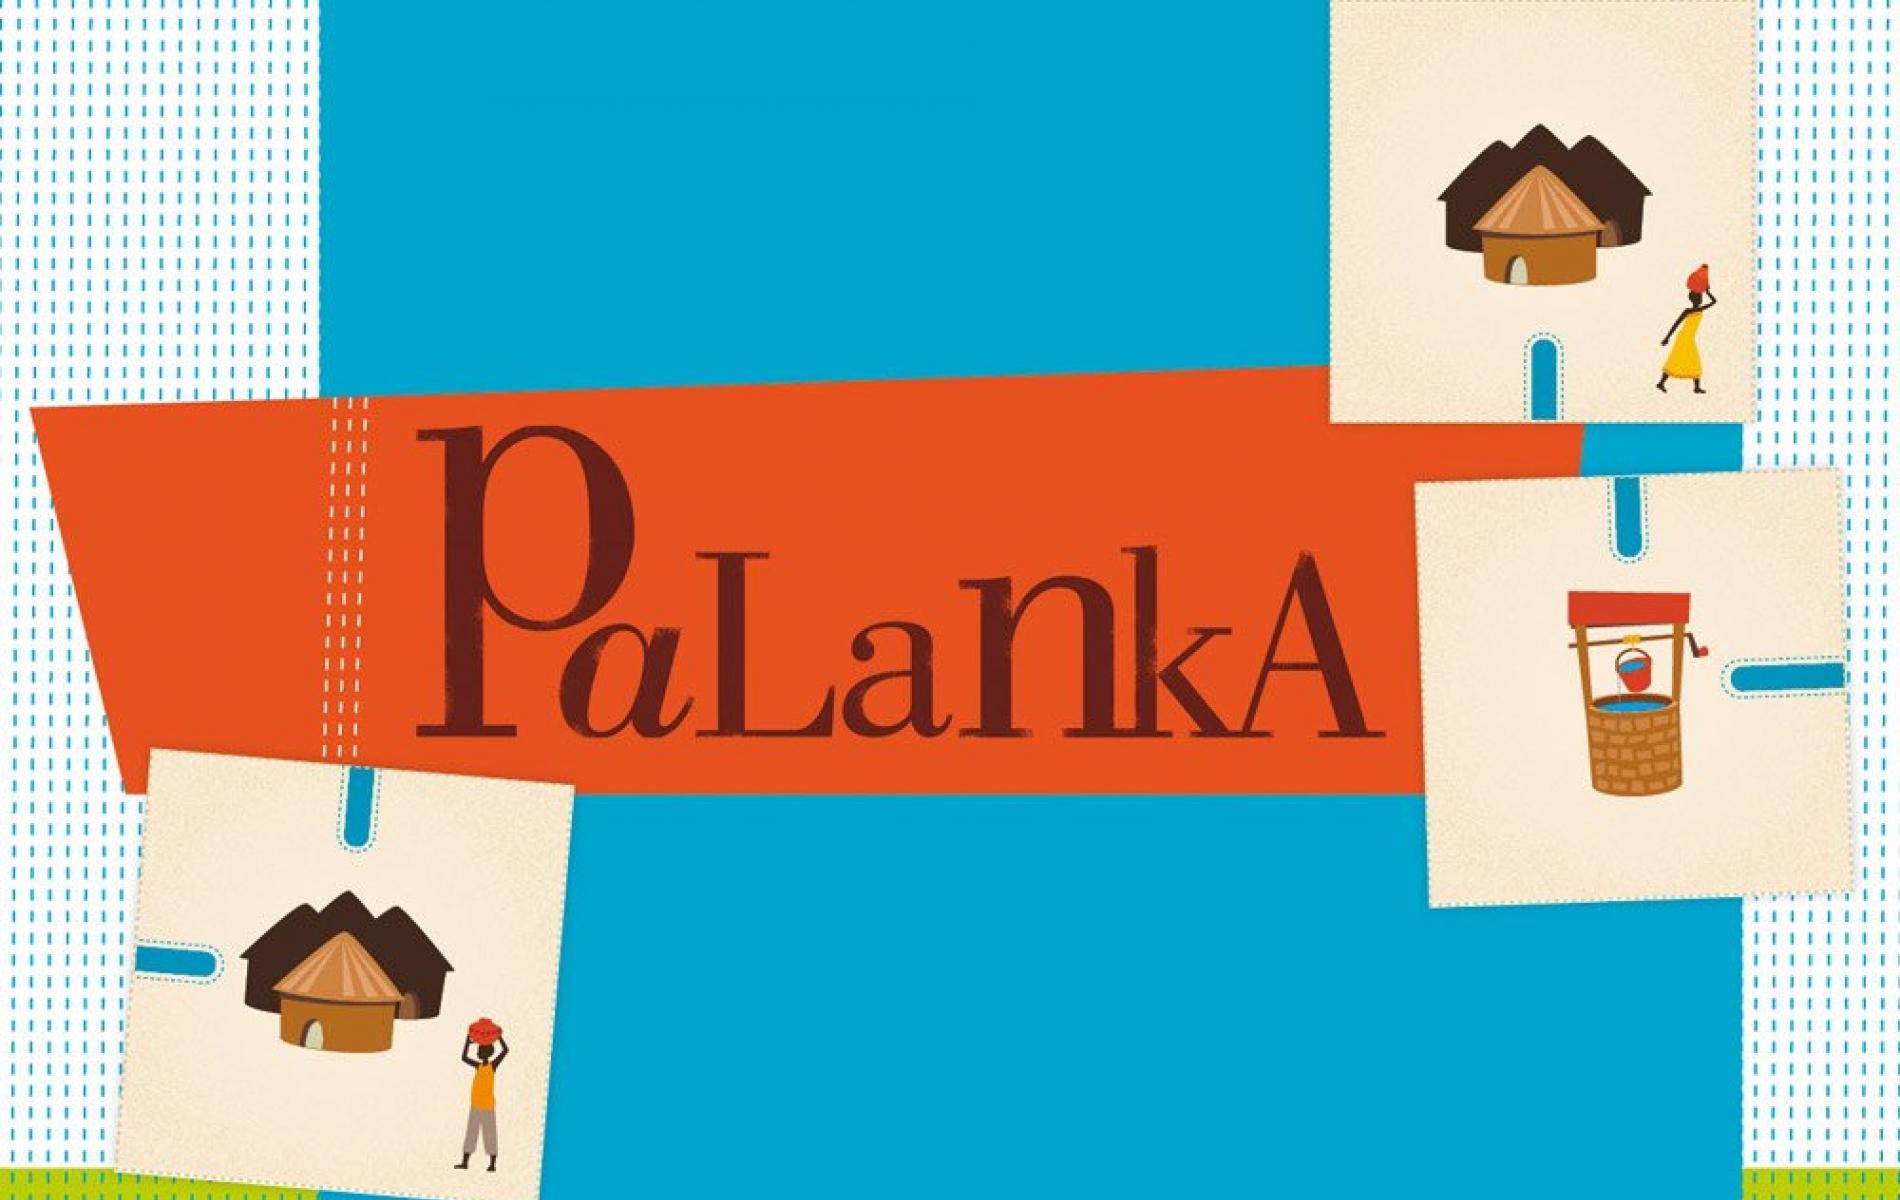 Palanka